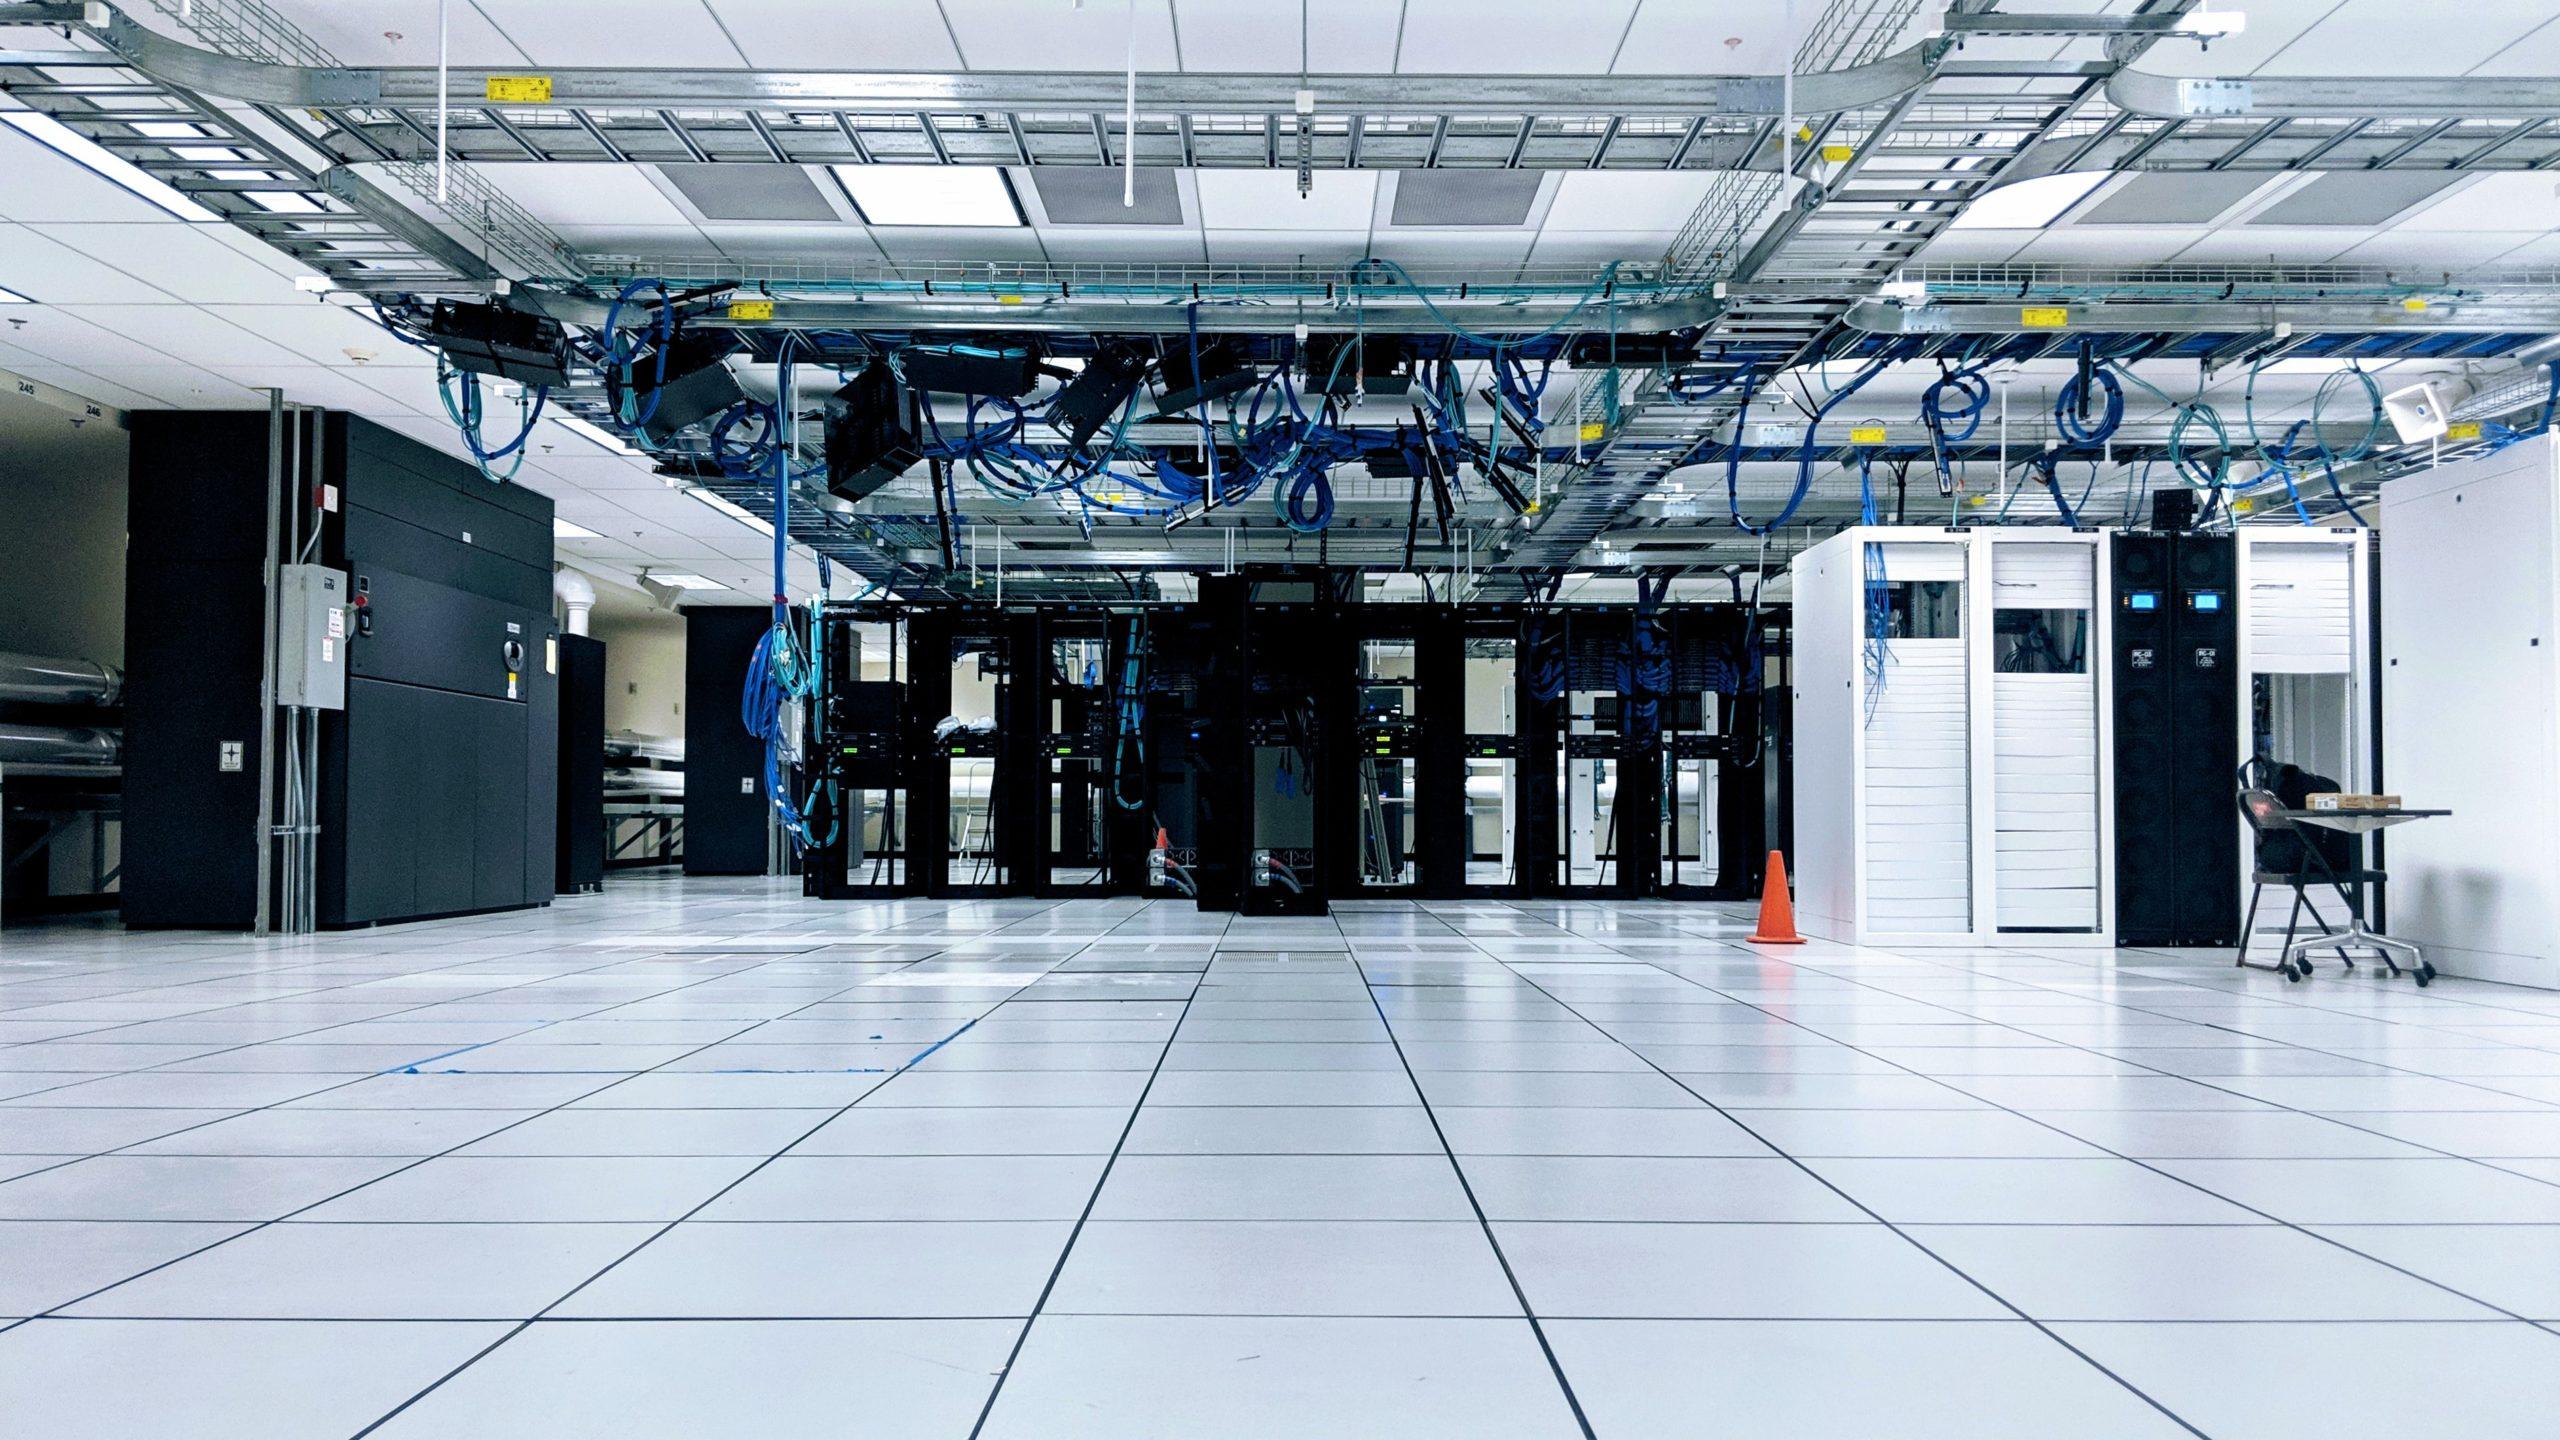 Analizadores de redes y calidad de la energía